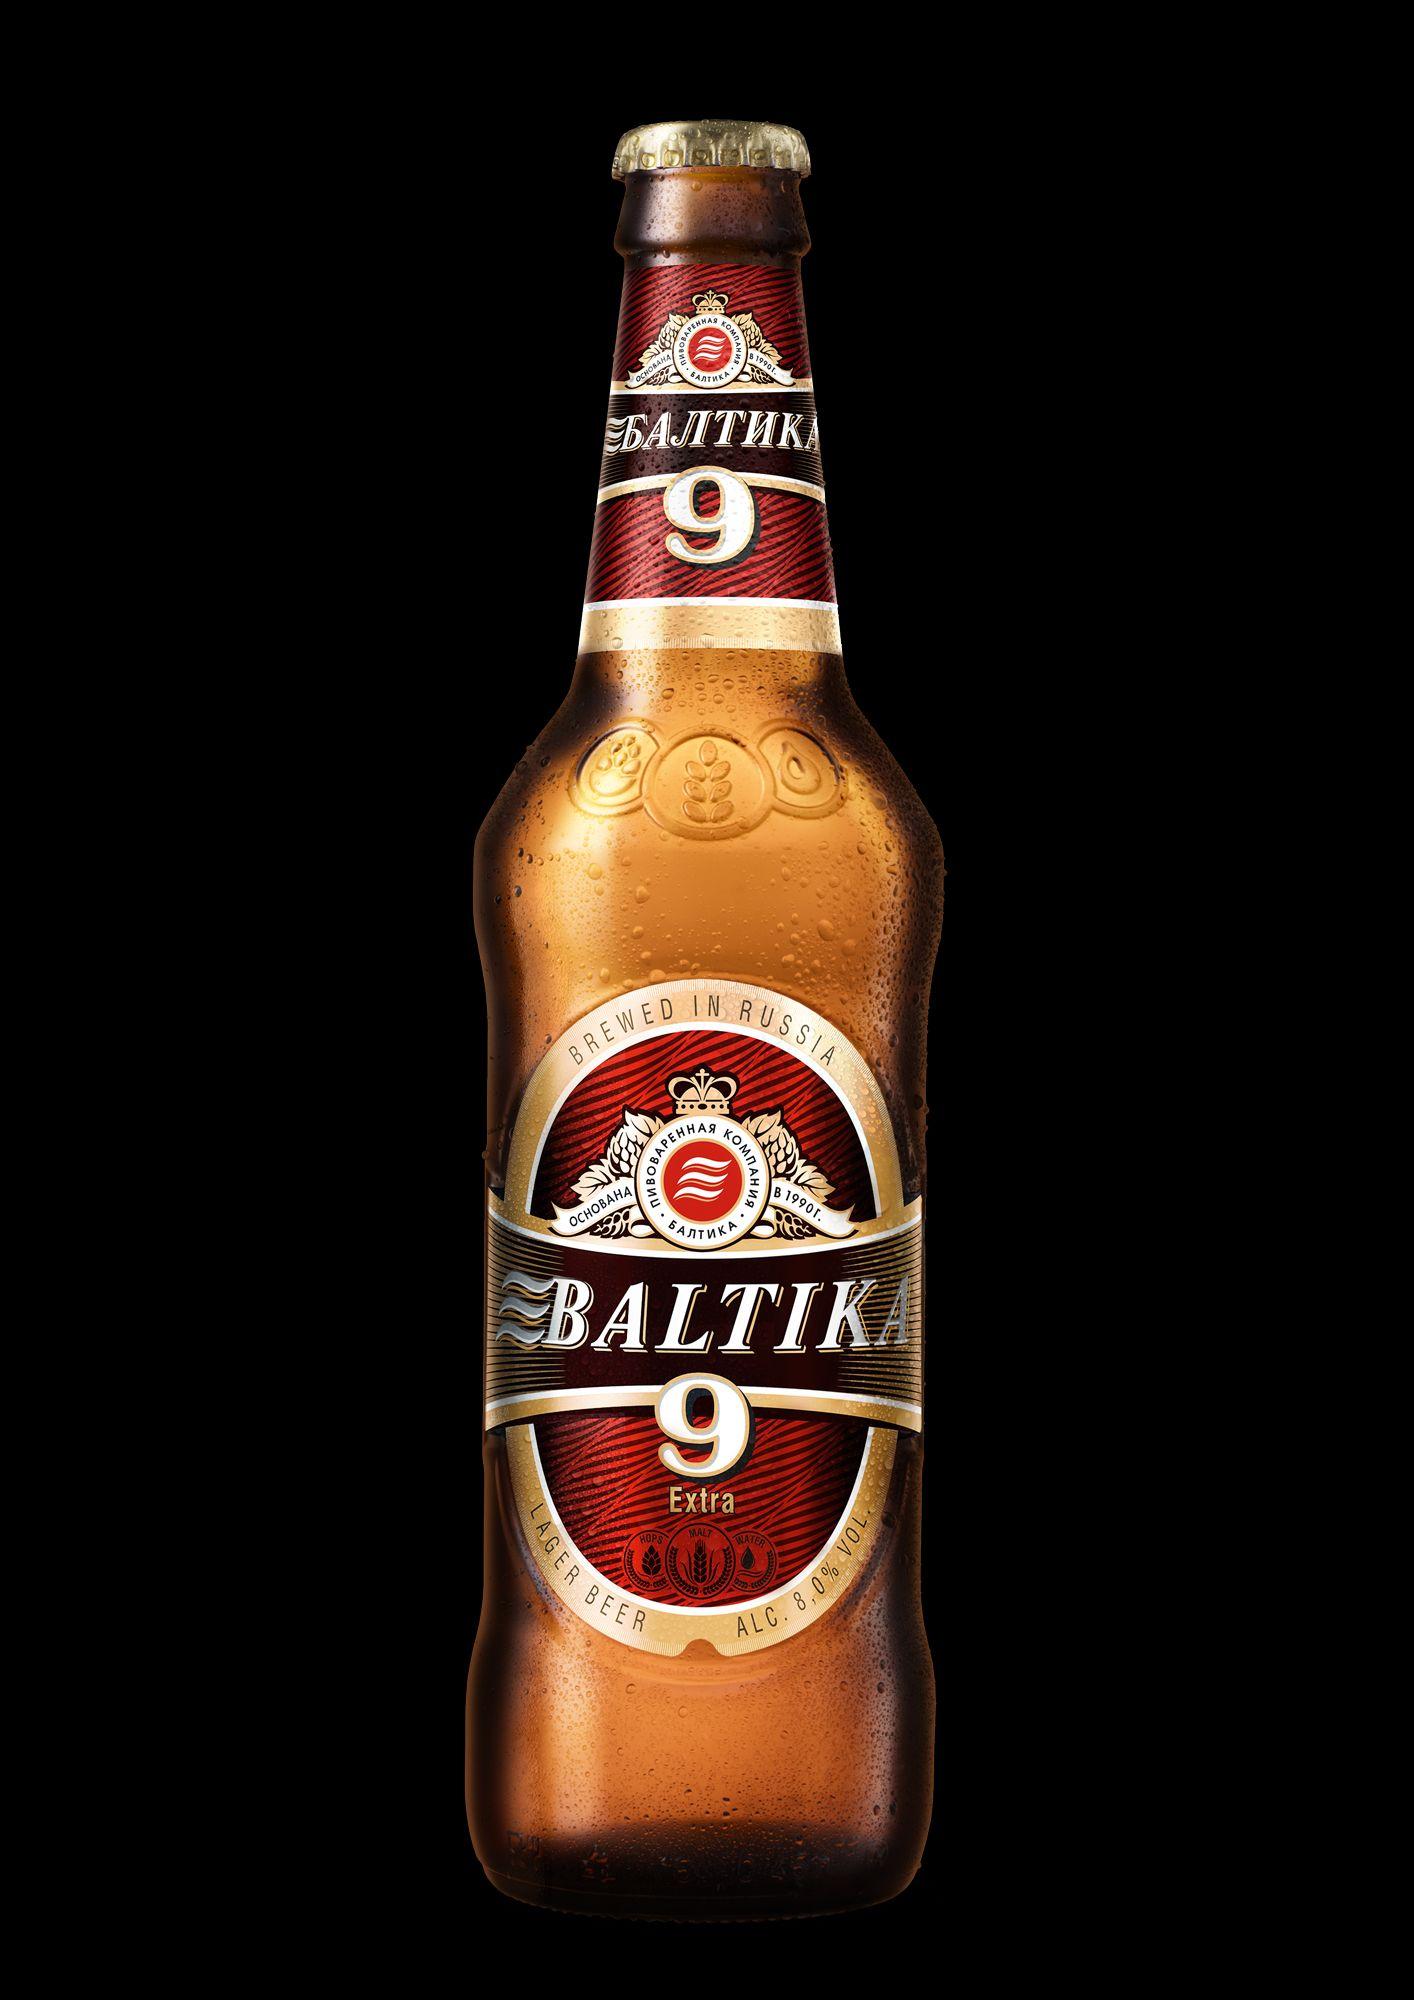 בירה בלטיקה מספר 9